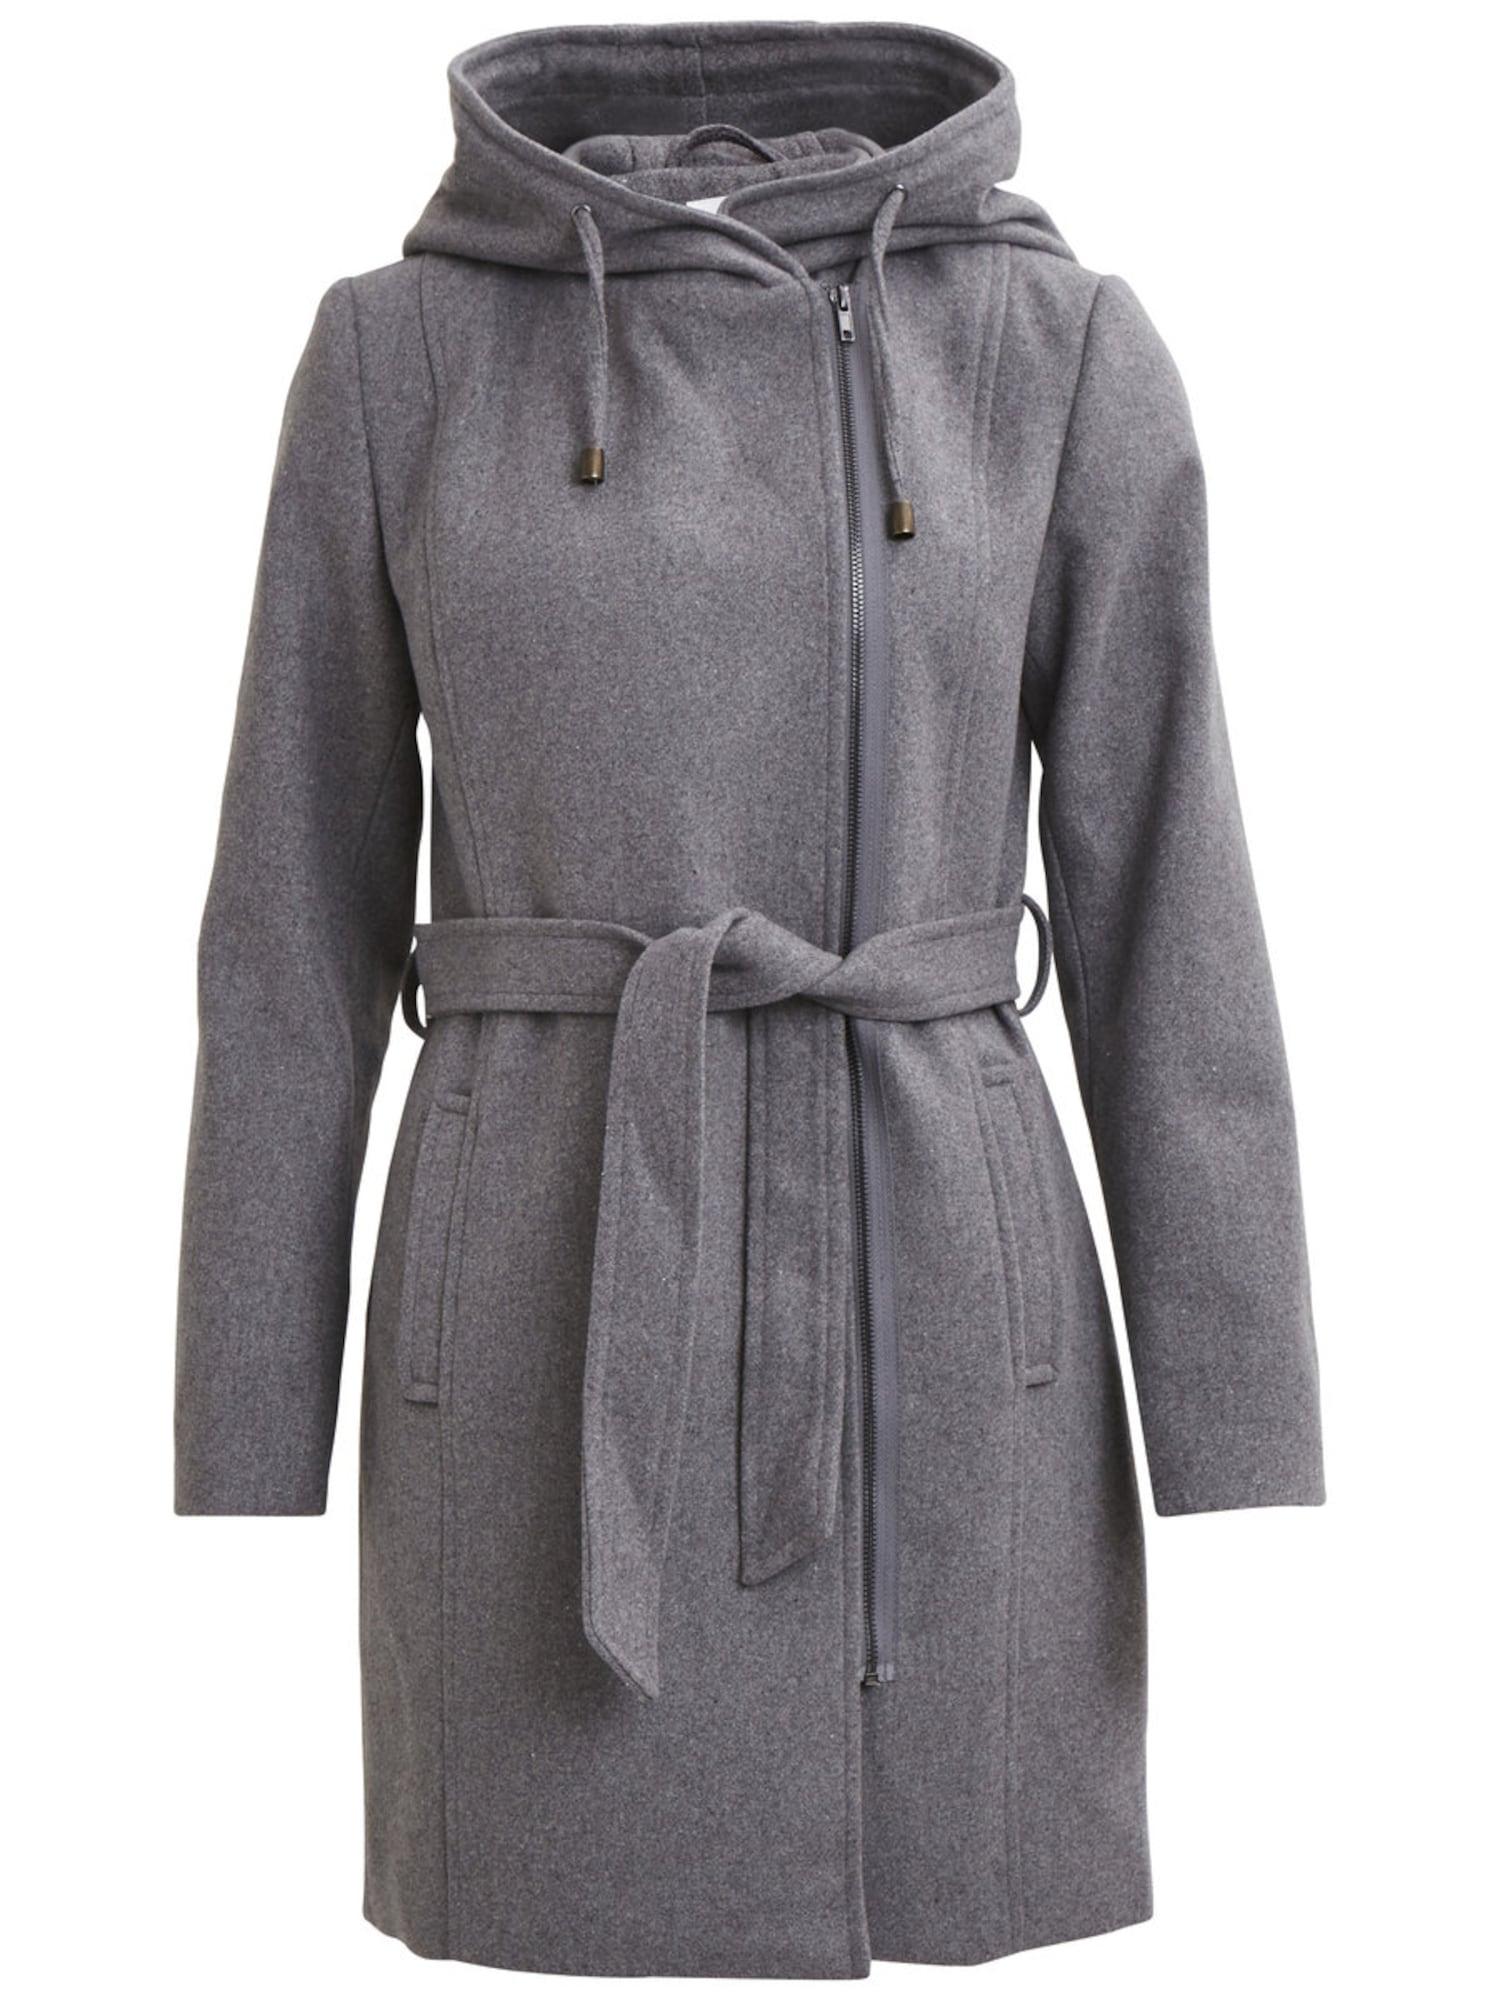 Zimní kabát OBJJolie 86 šedý melír OBJECT